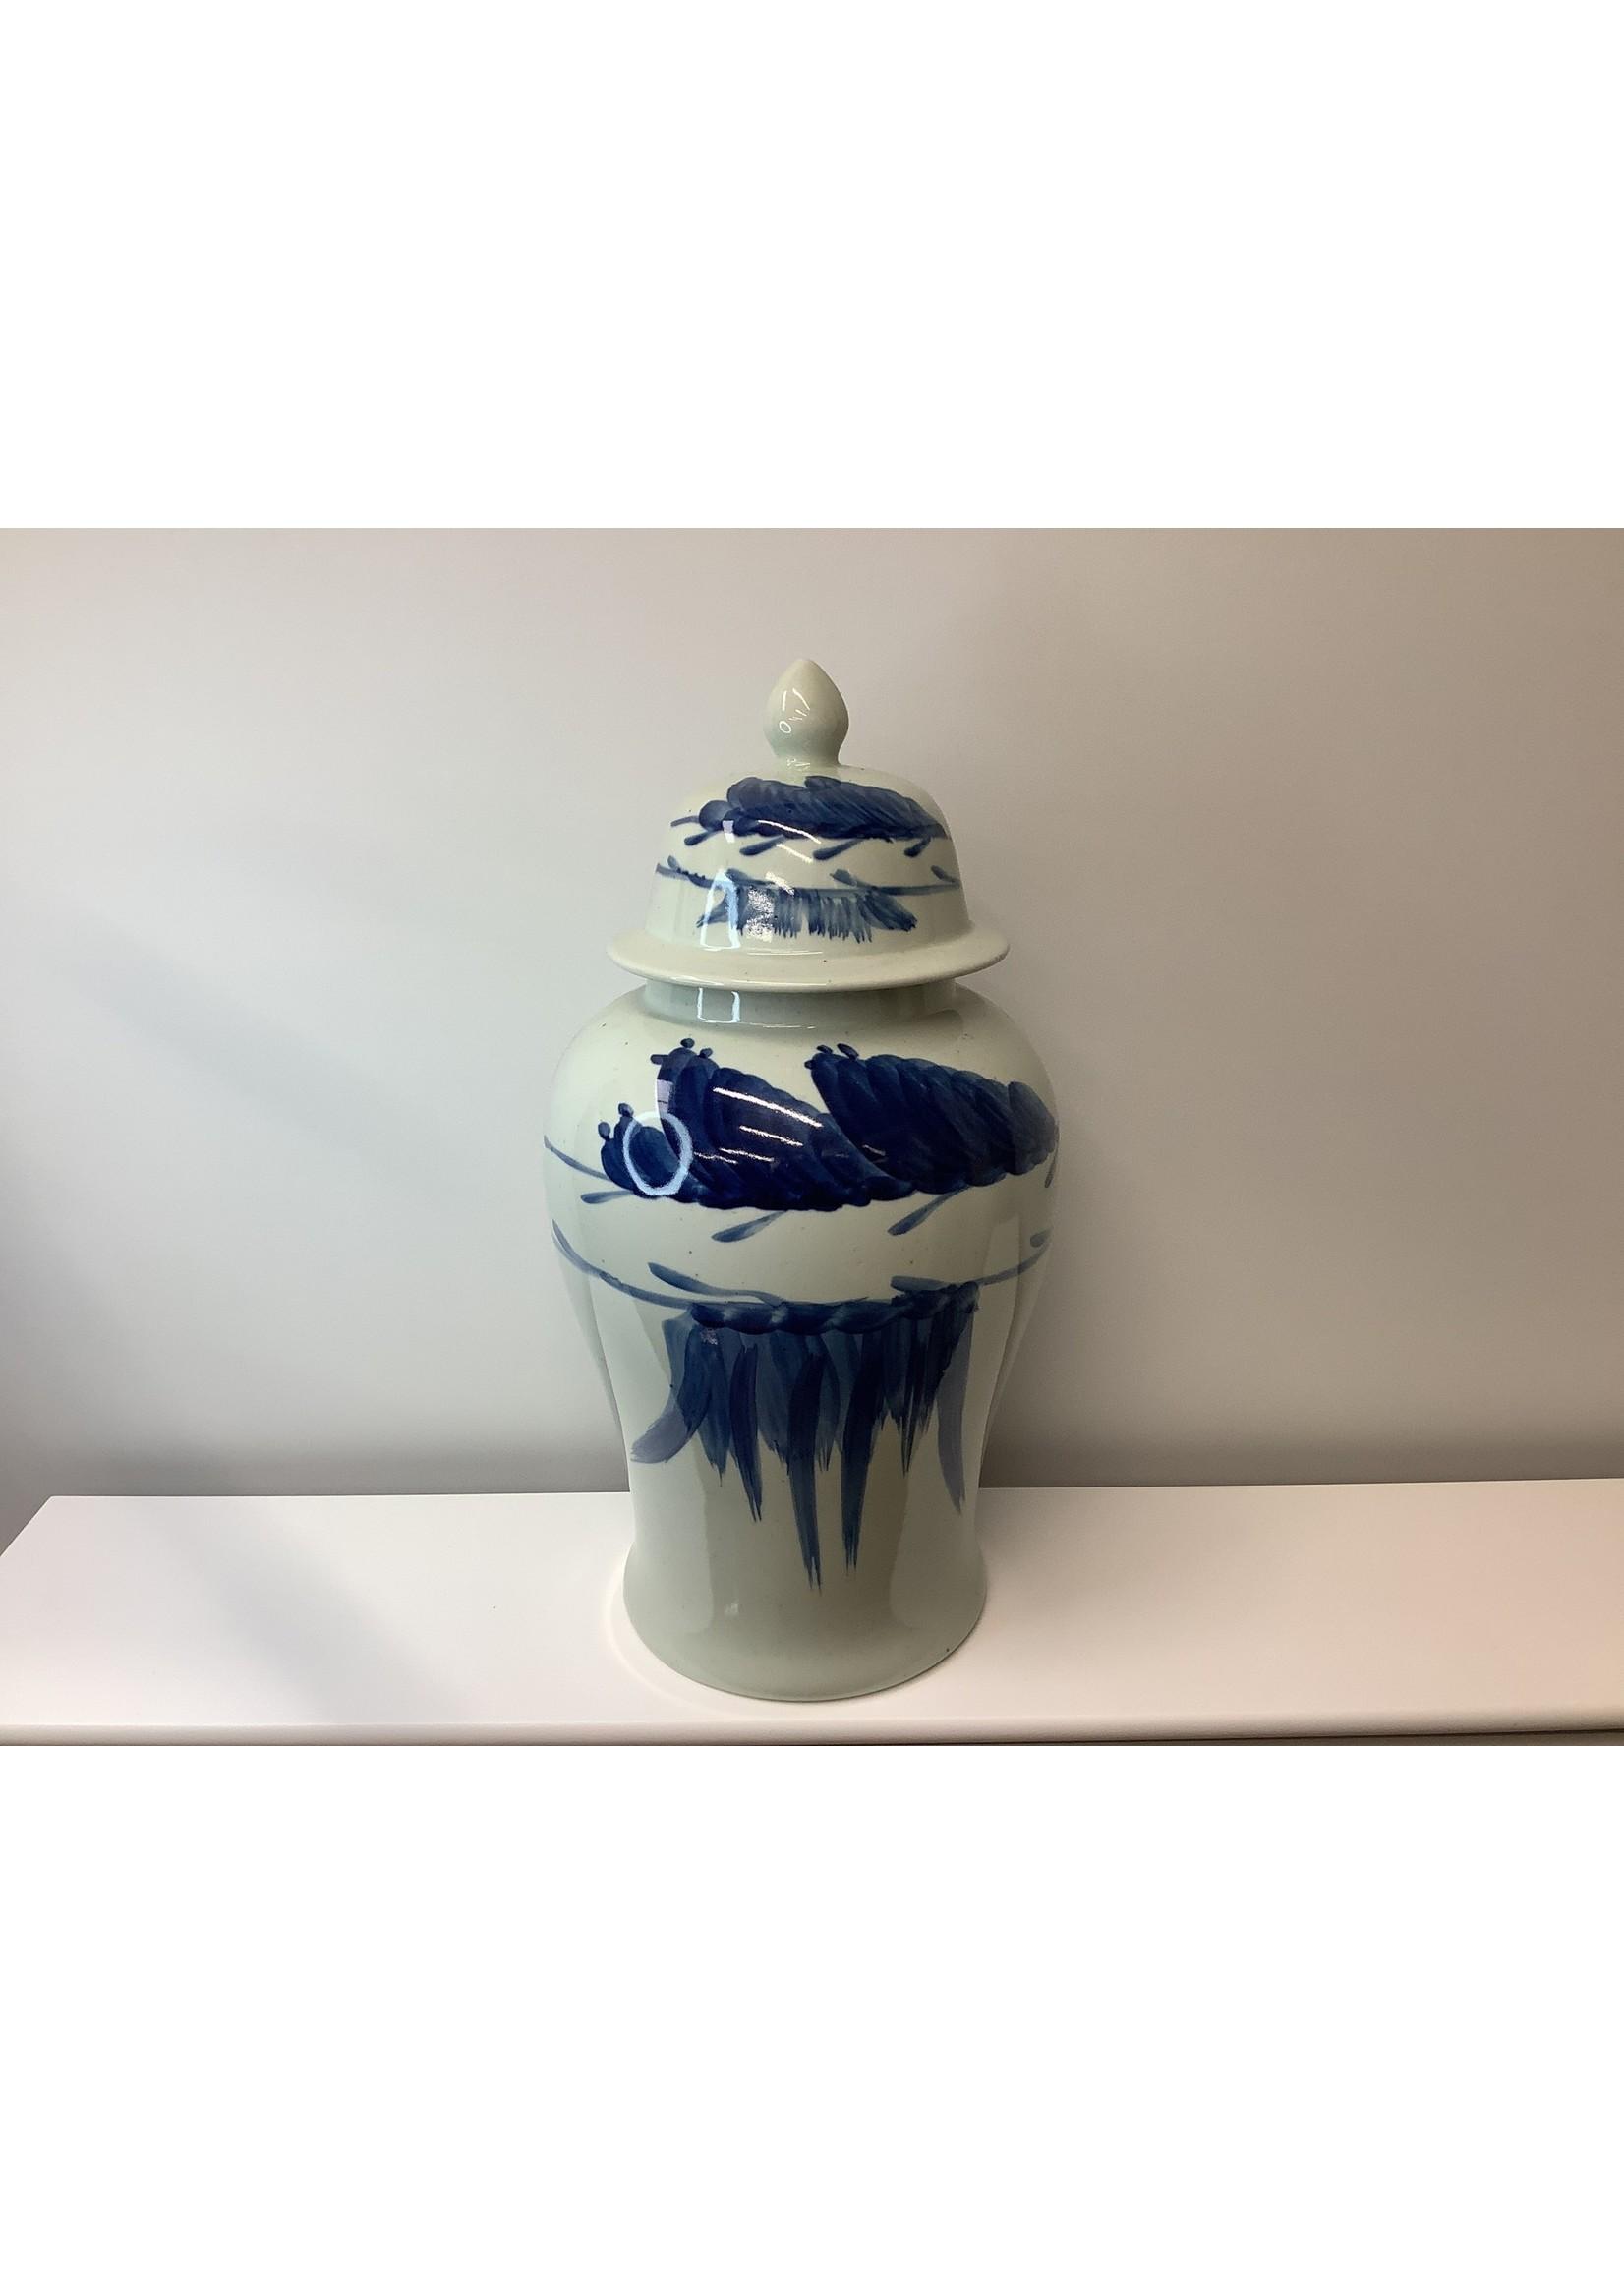 Large Blue & White ginger vase 47cm tall